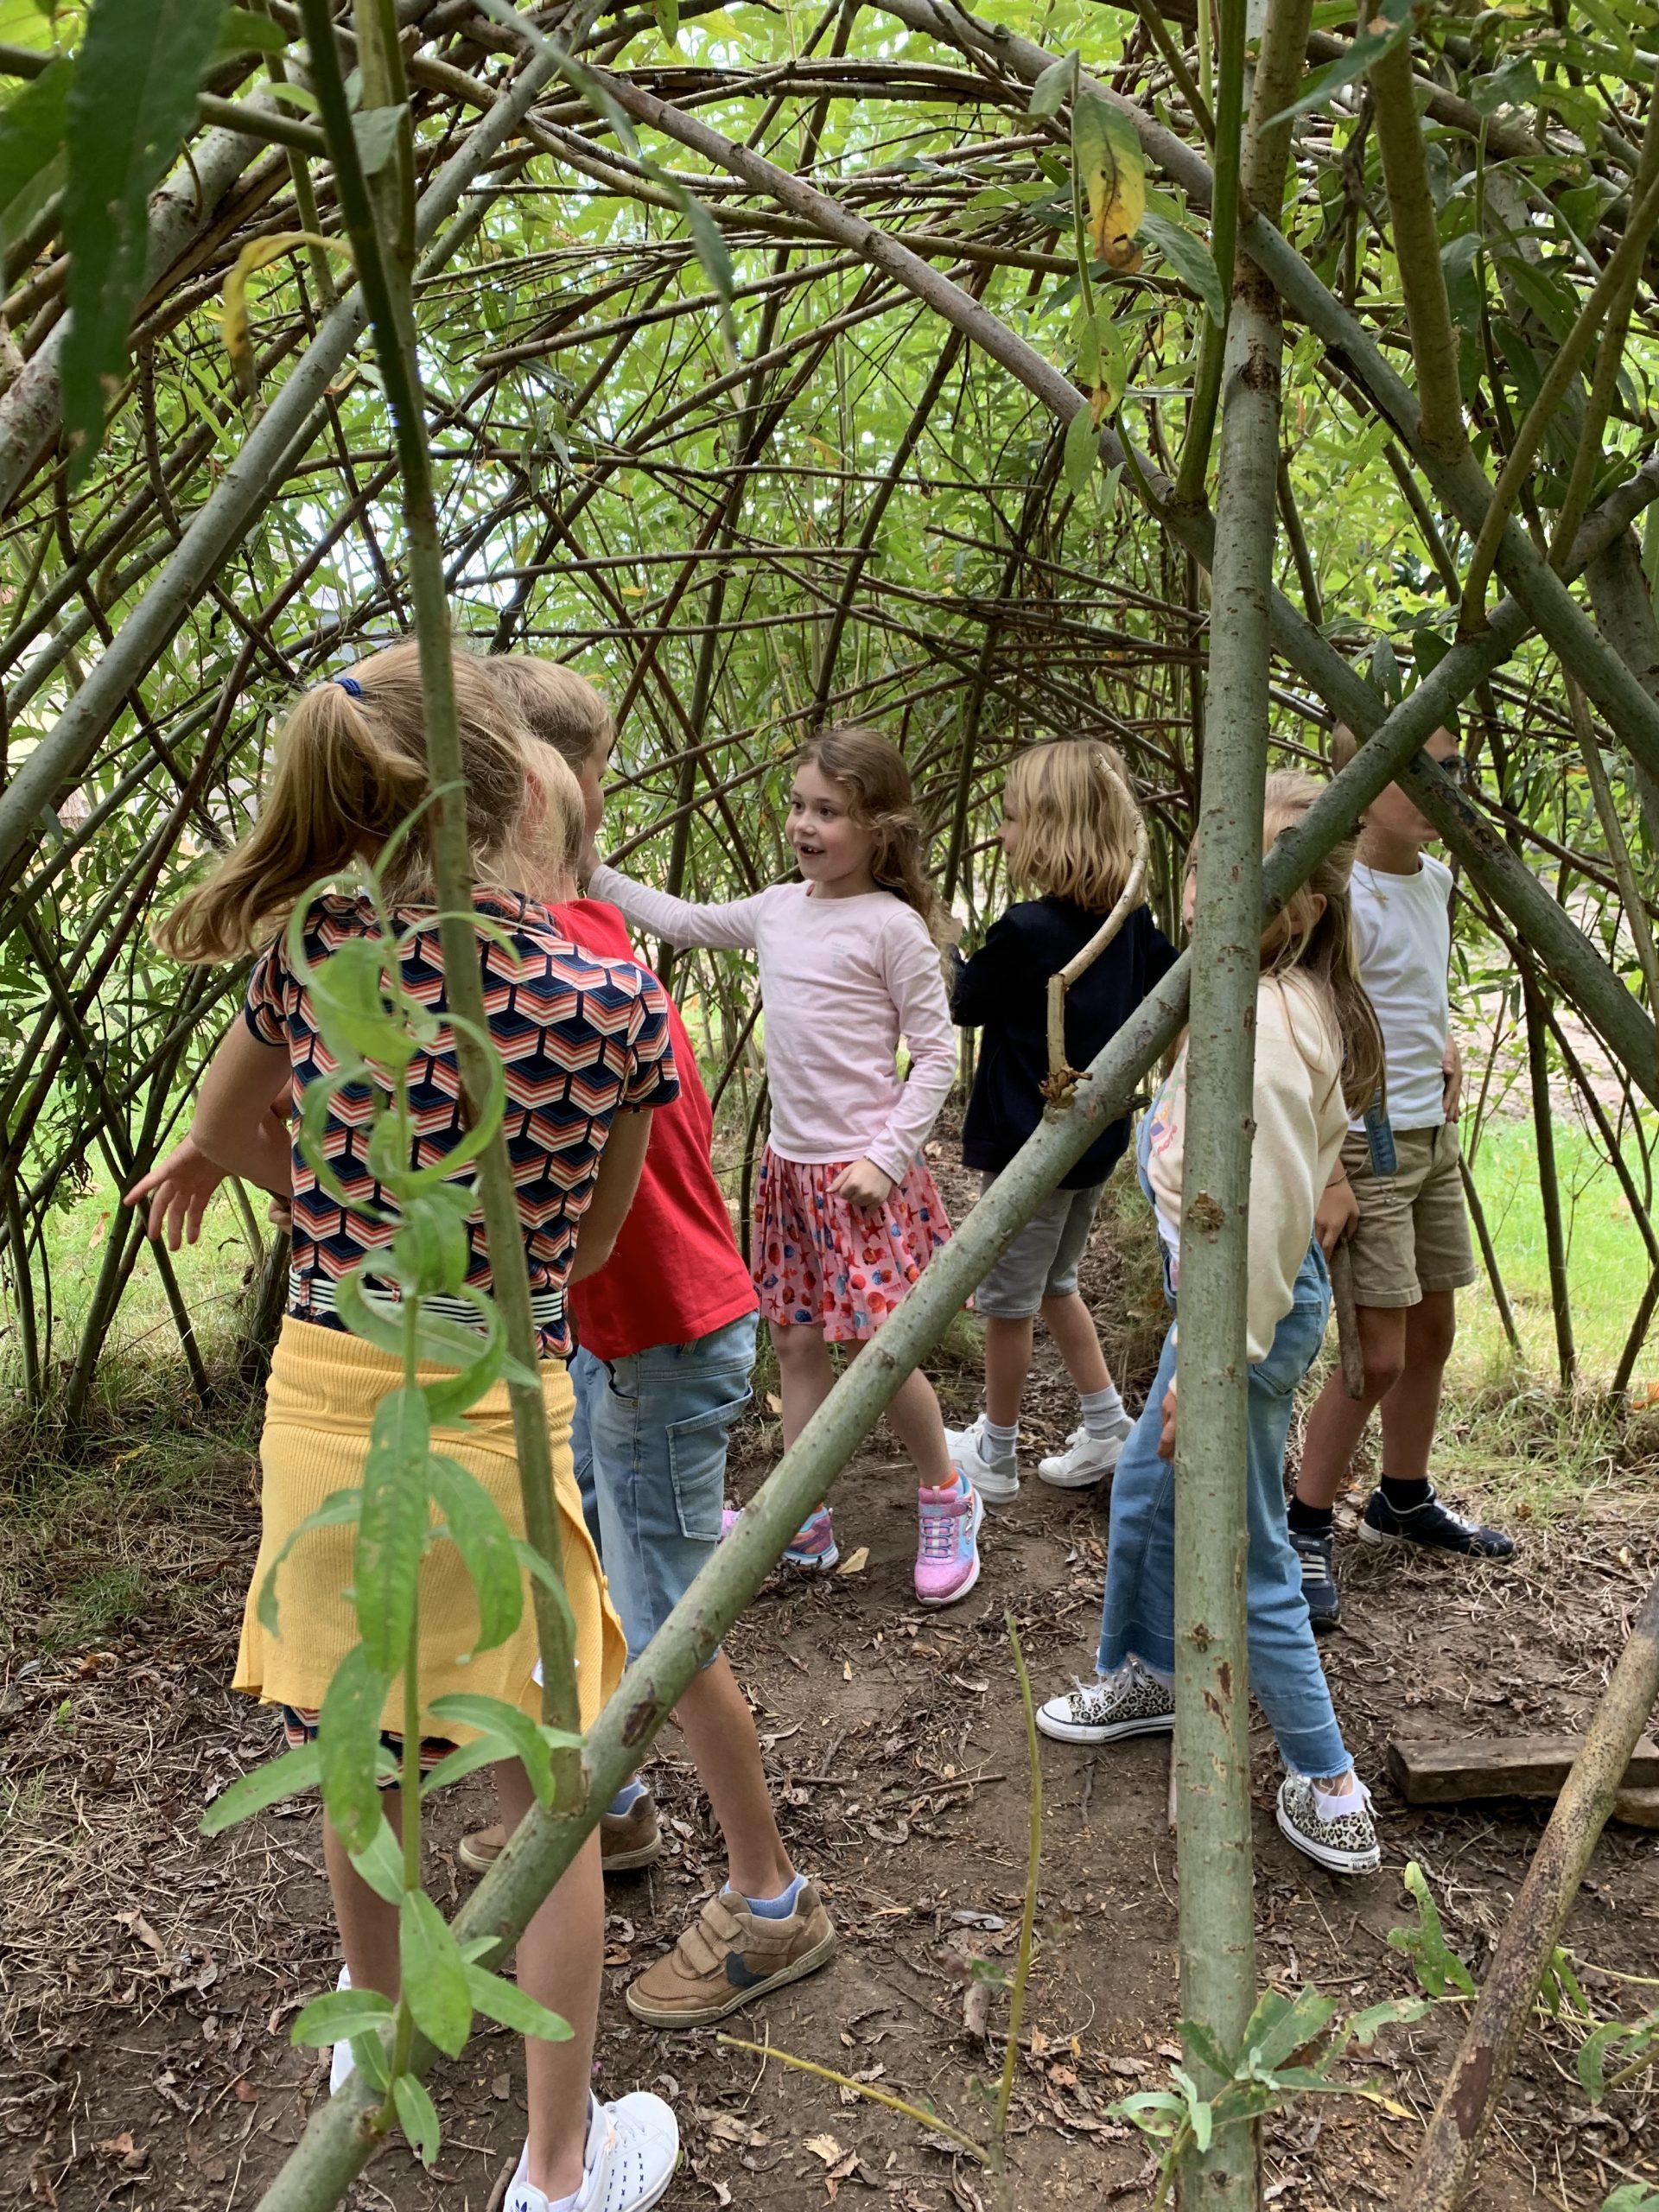 De kinderen genoten na een deugddoende vakantie van hun eerste schooldag in het groen. Spelen in de tuin, ravotten onder de bomen van de pastorie en leren met de natuur […]